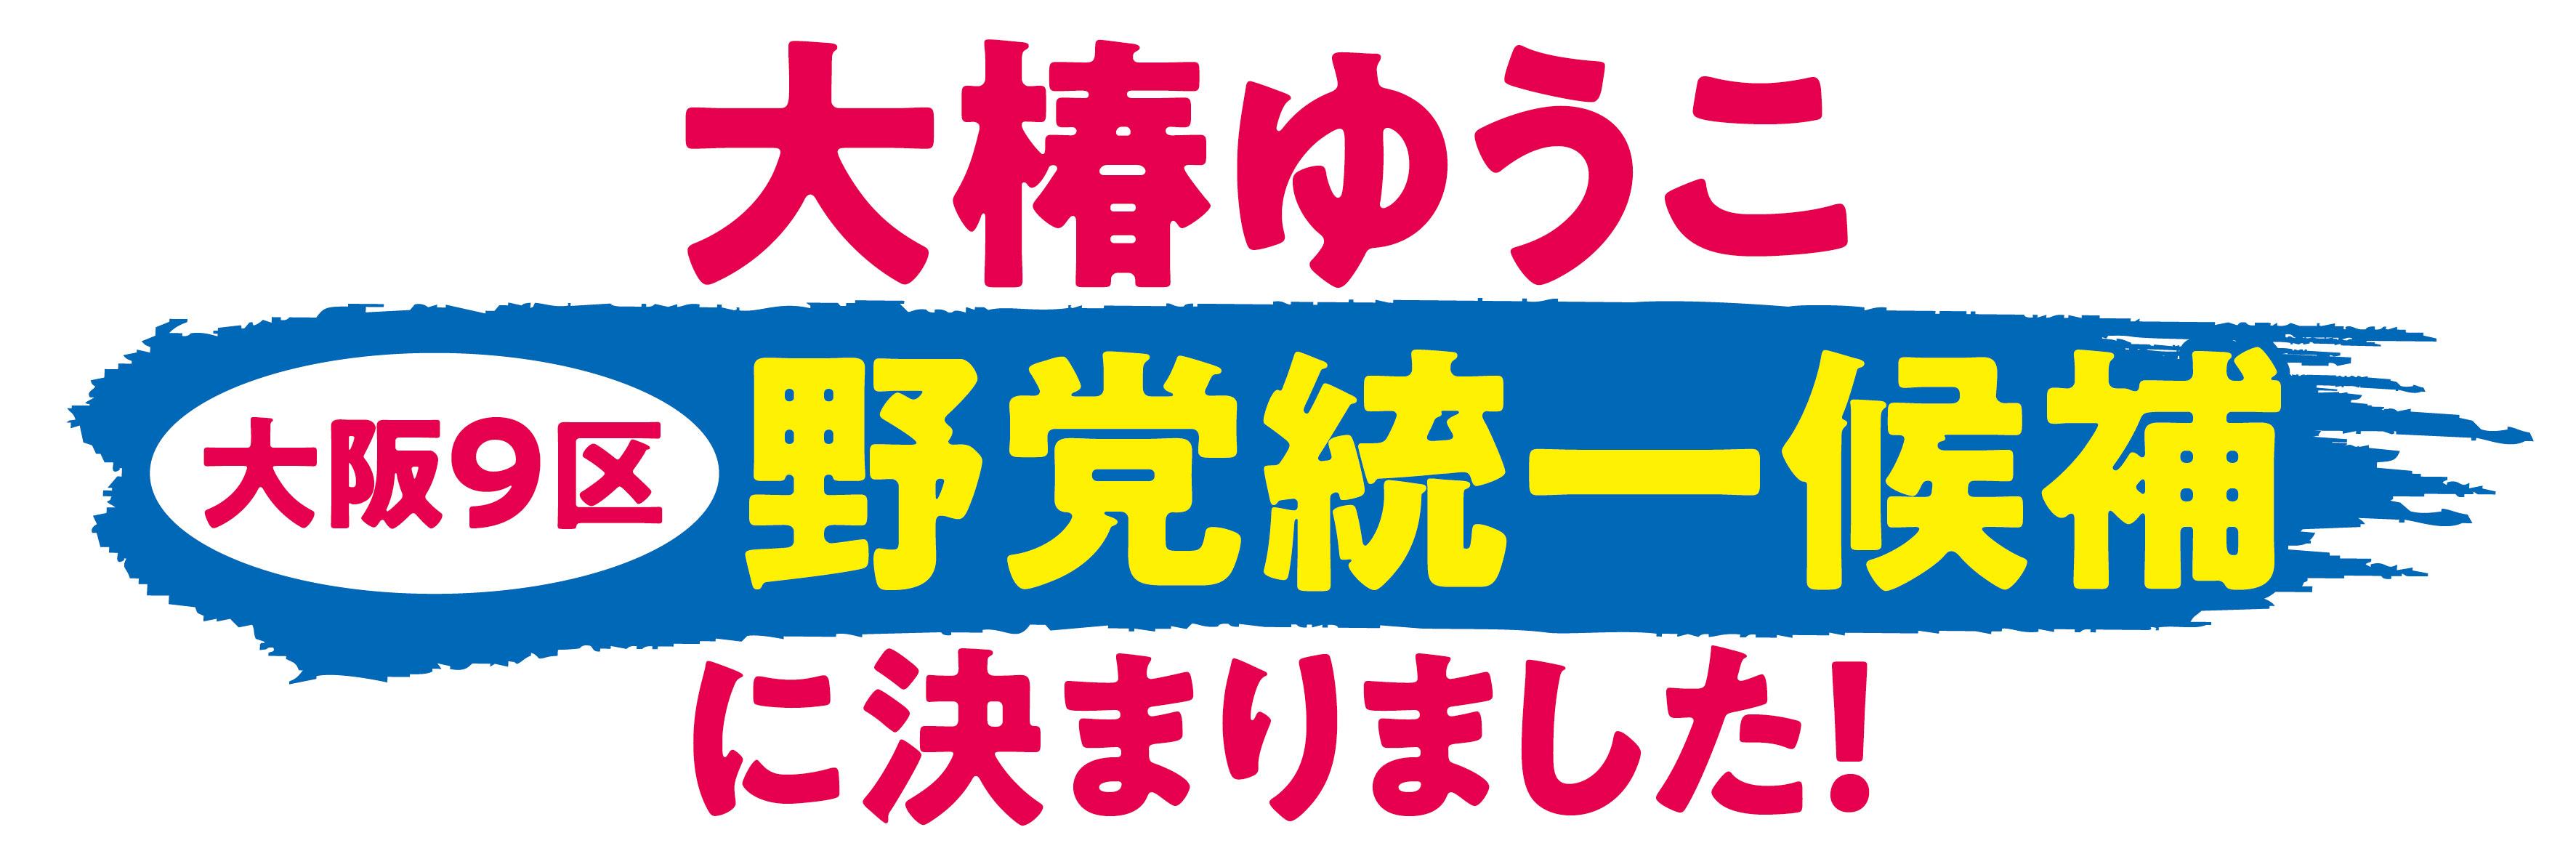 大椿ゆうこ 大阪9区 野党統一候補に決まりました!